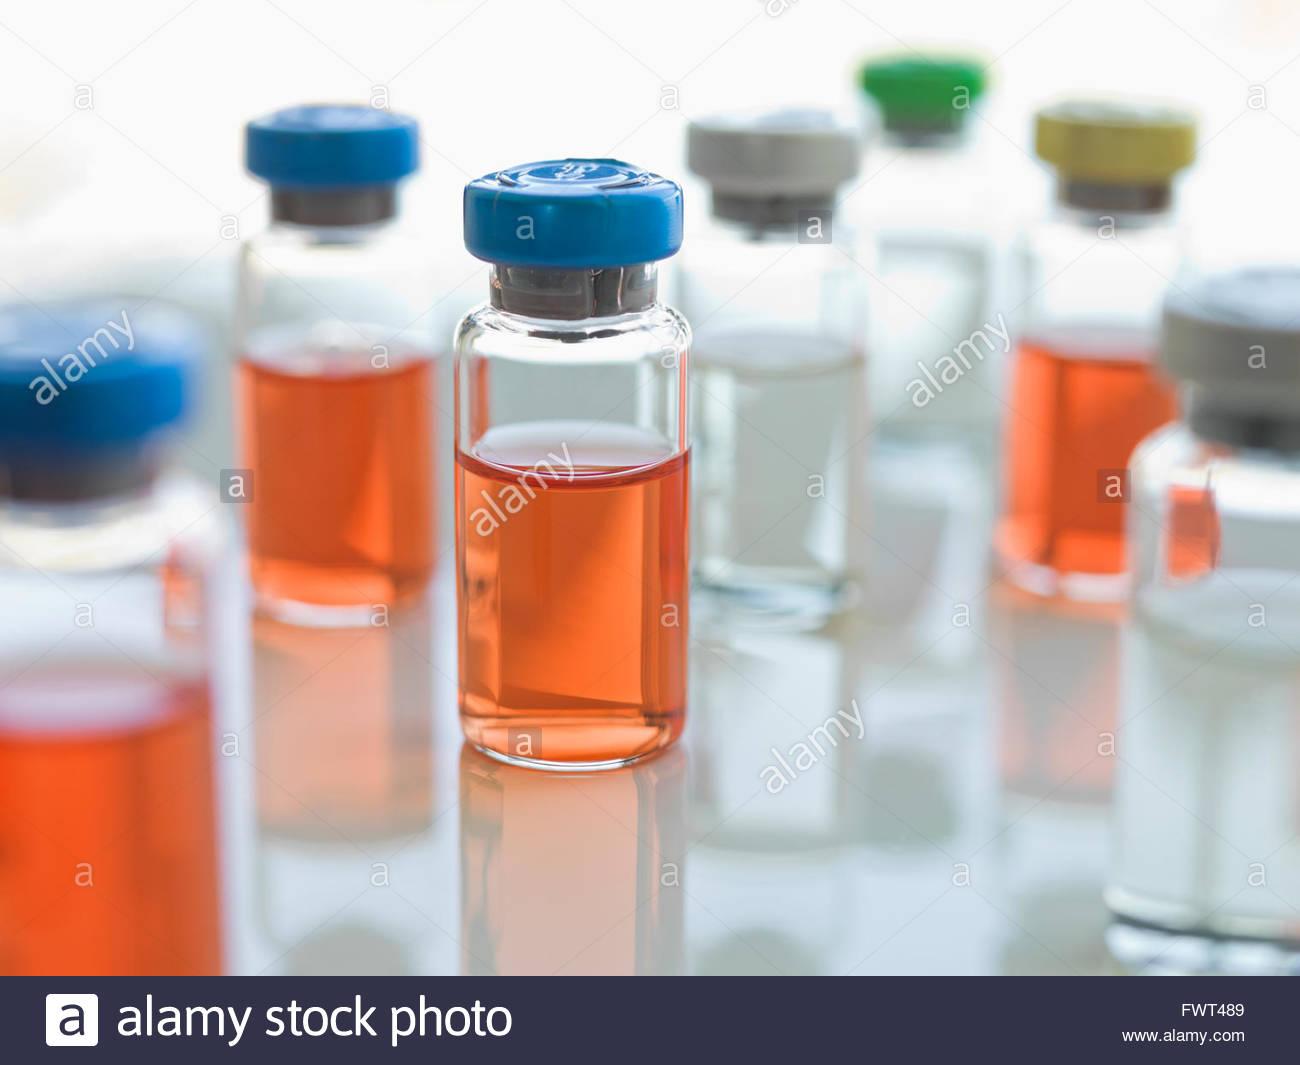 Medical sample bottles on table against white background - Stock Photo